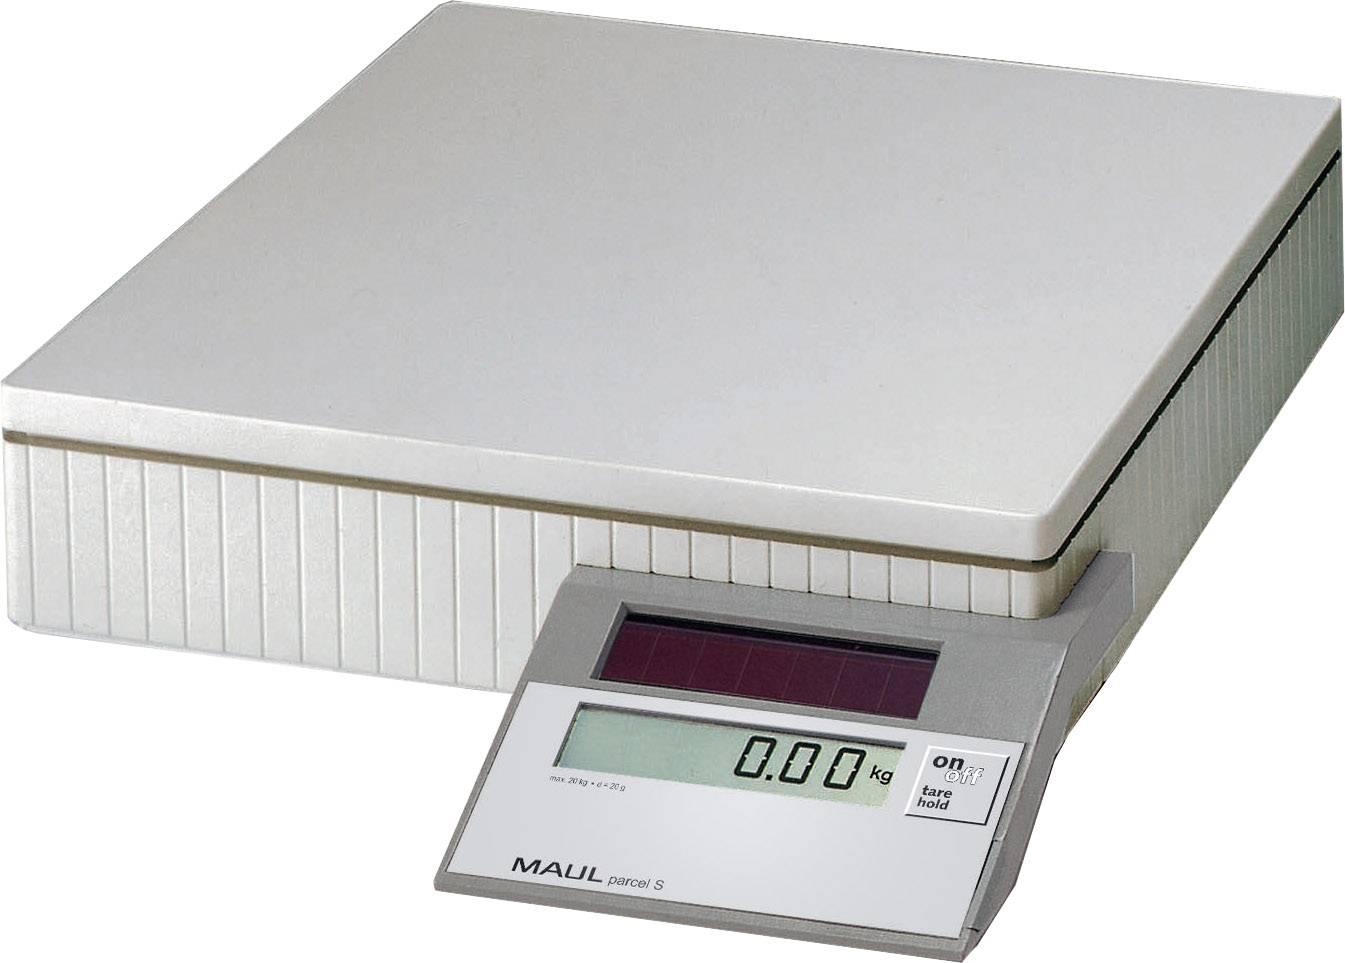 Balíková váha Maul MAULparcel S 50 1745082, max.váživosť 50 kg, sivá